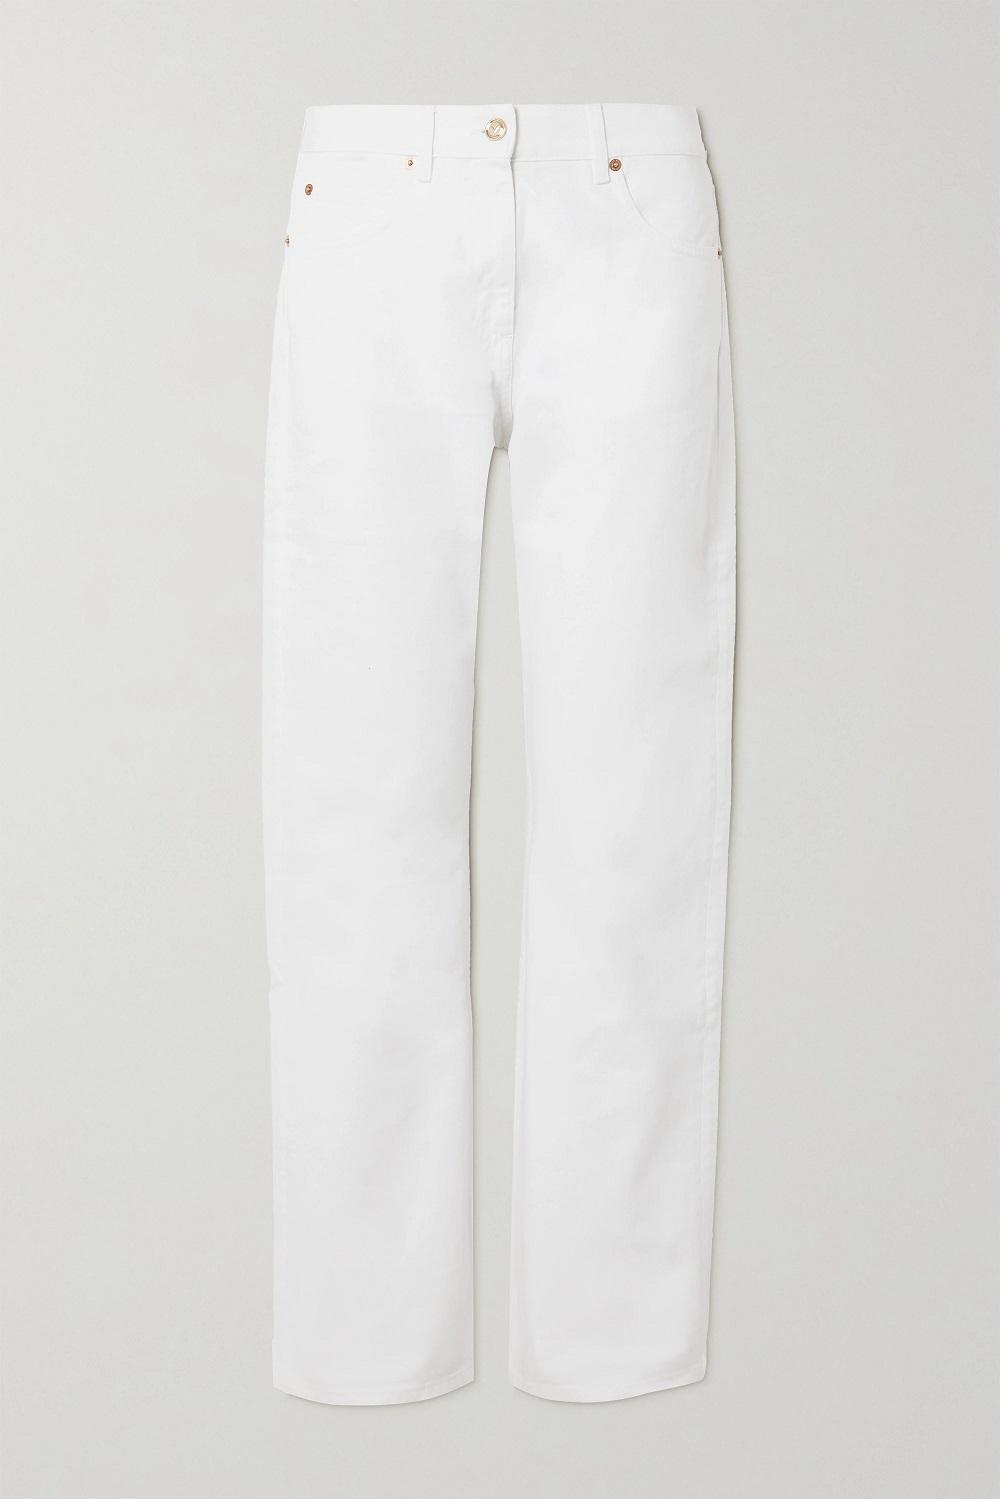 Valentino bijele traperice proljeće 2021.